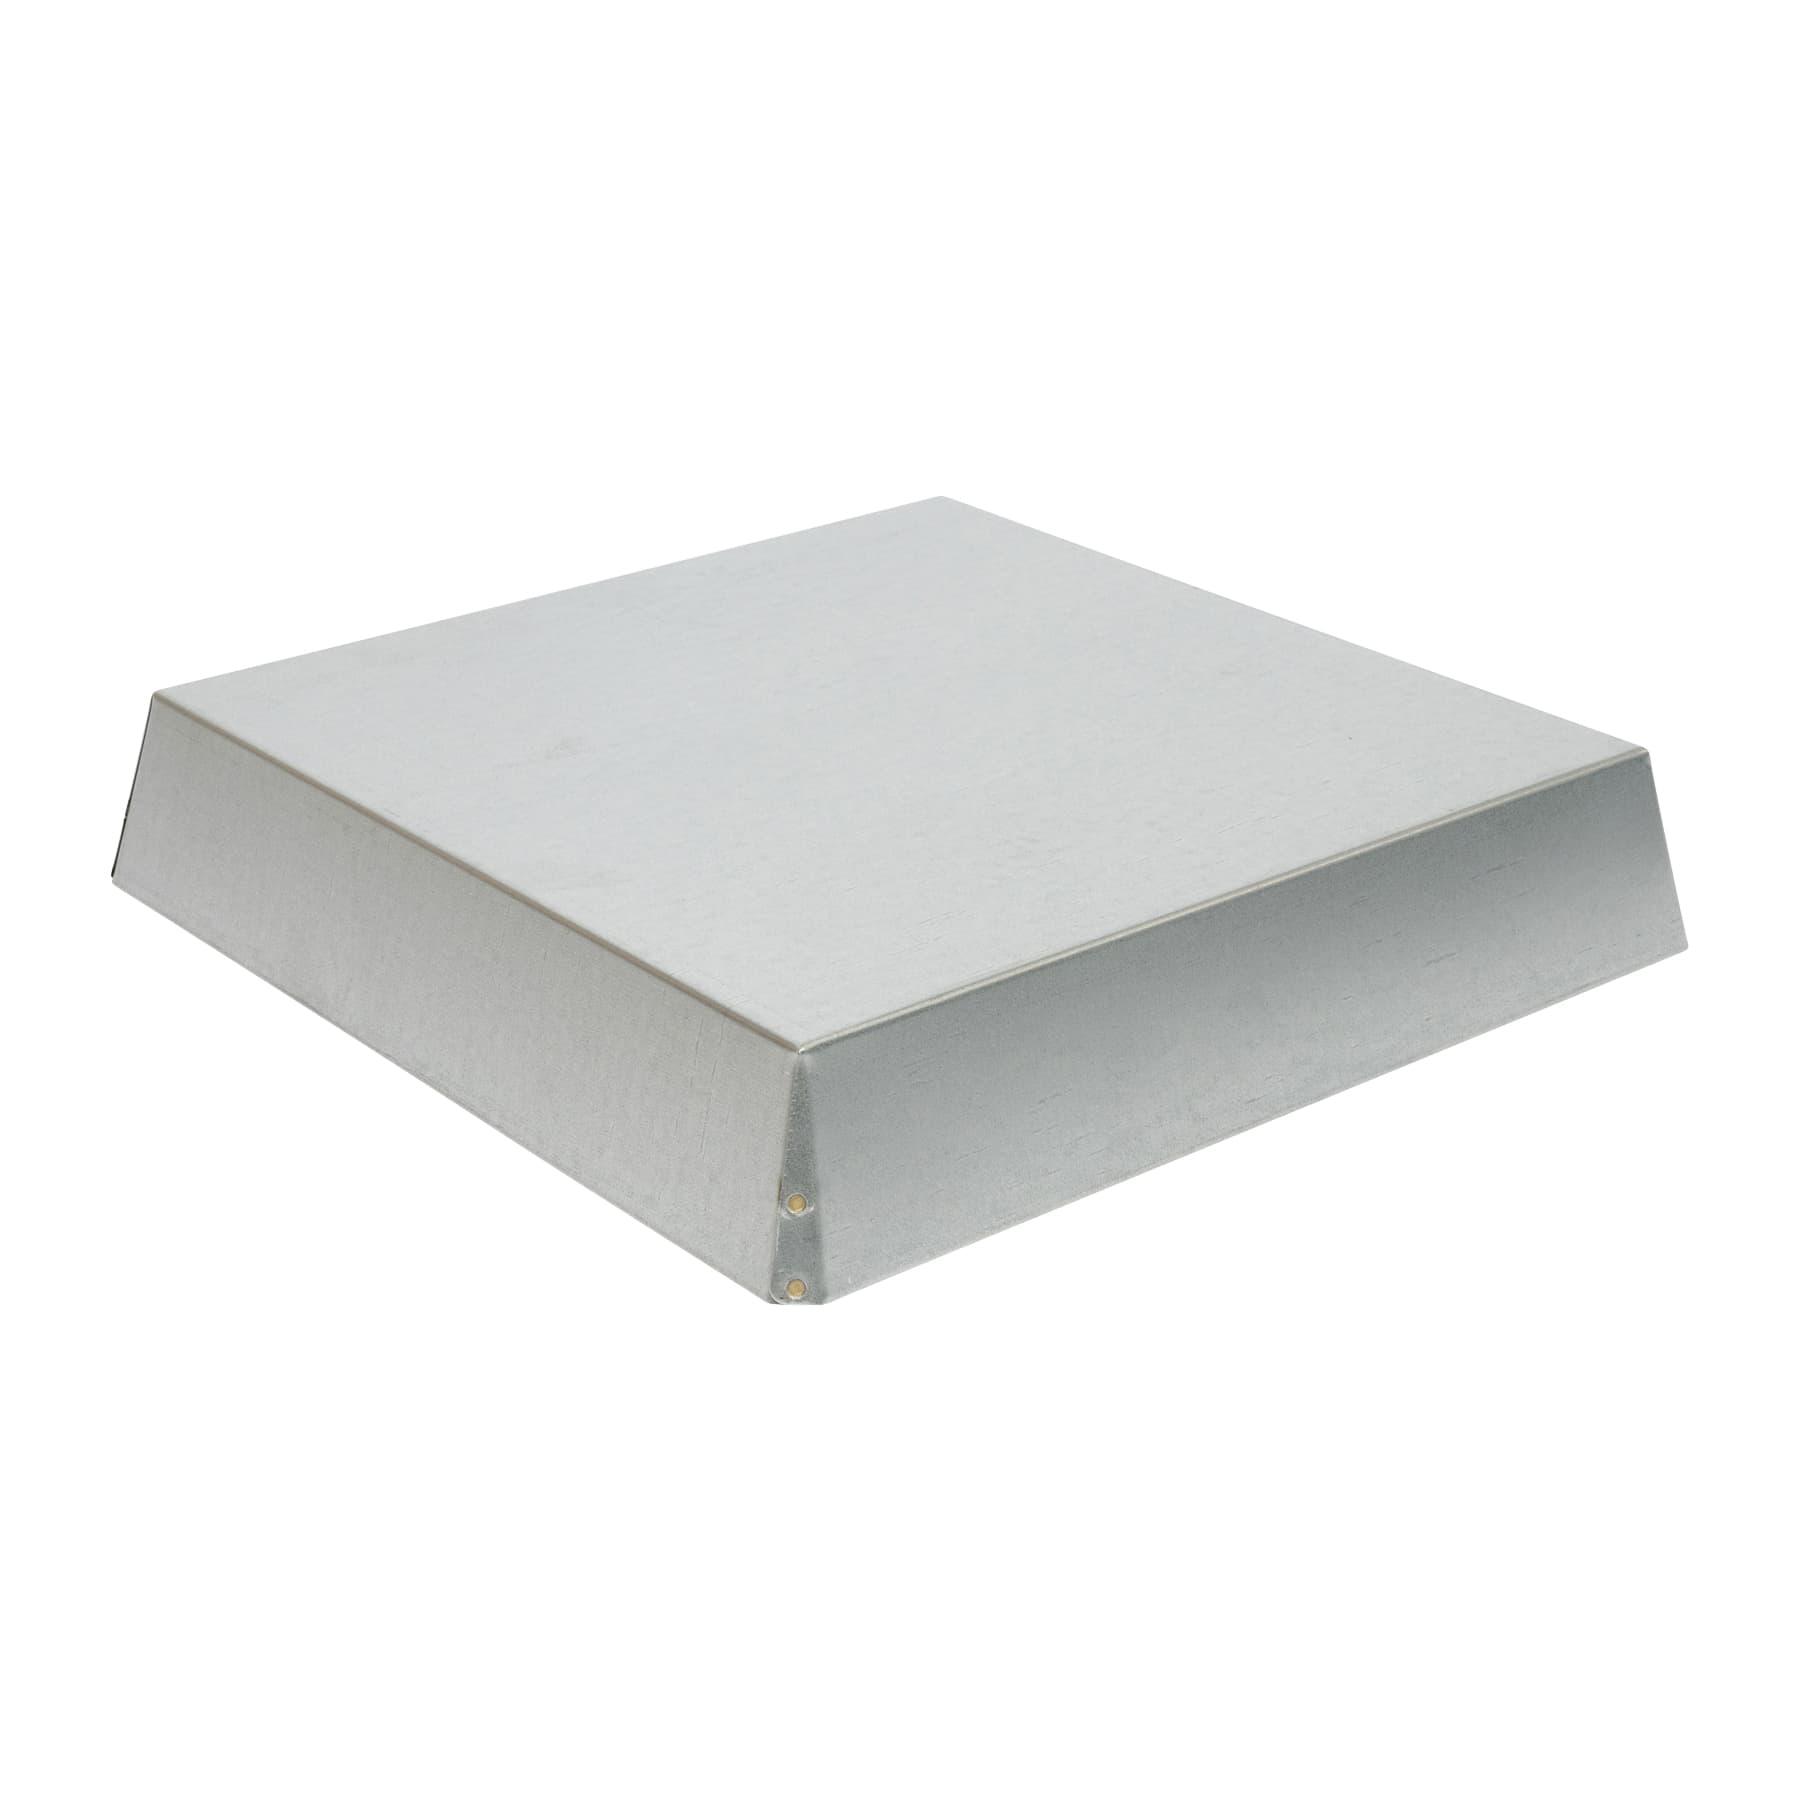 Blechdeckel verzinkt, konisch Innenmaß 317 x 317 x 65 mm für Mini Plus